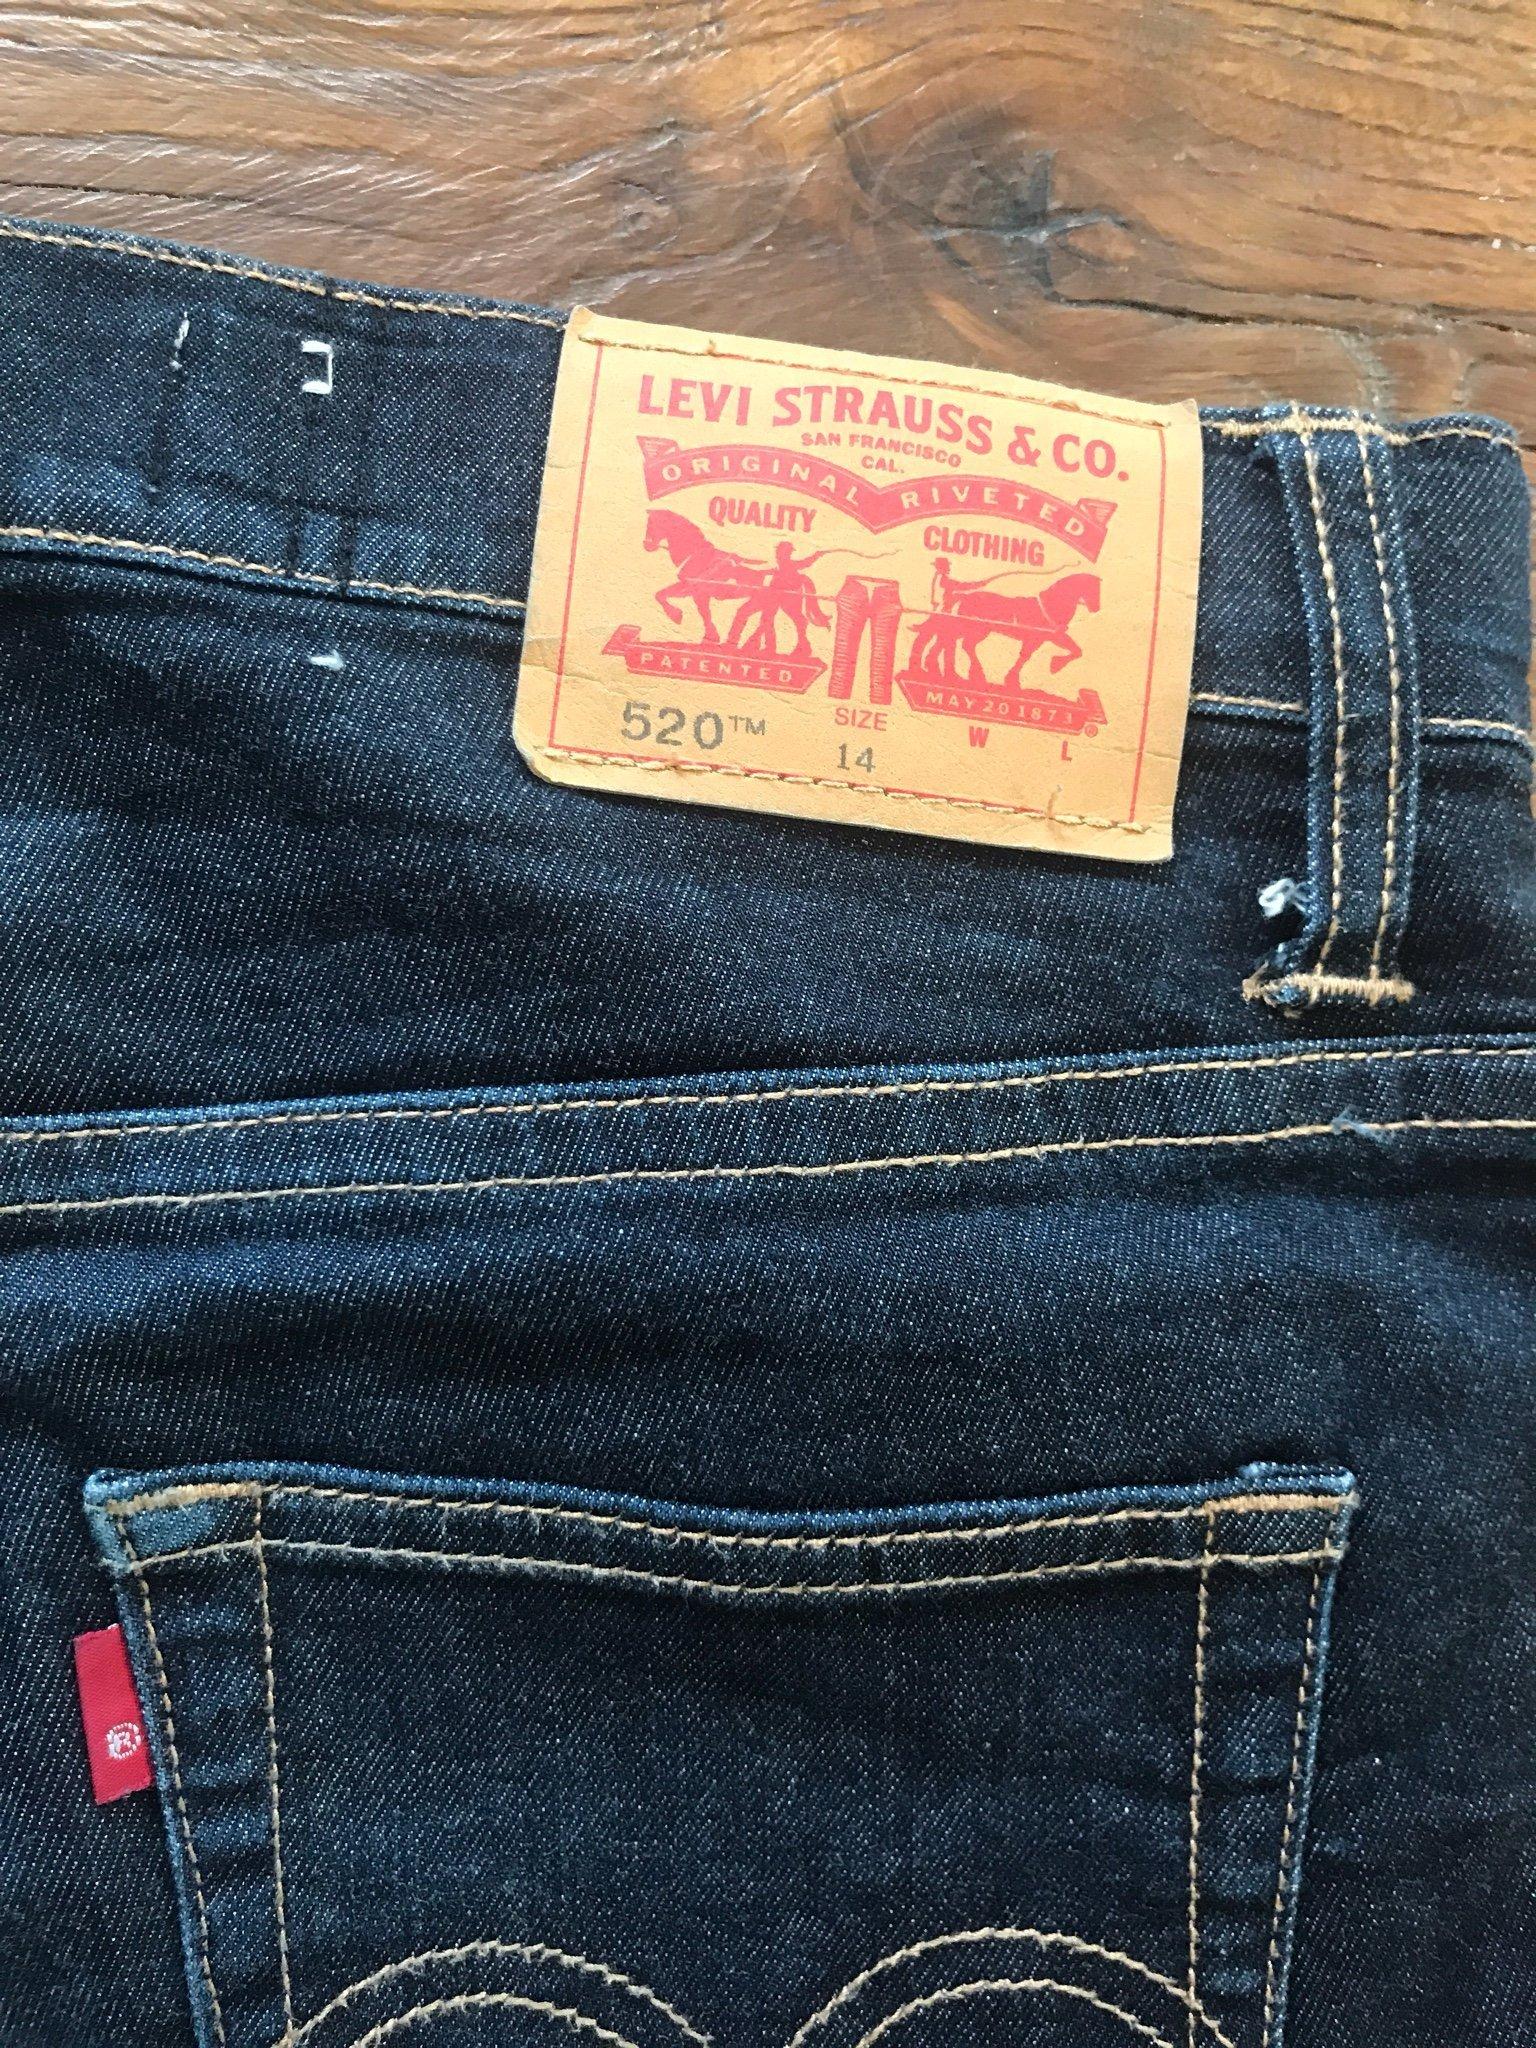 514ce3f882f Levis jeans 520 Stl 14 (350772585) ᐈ Köp på Tradera